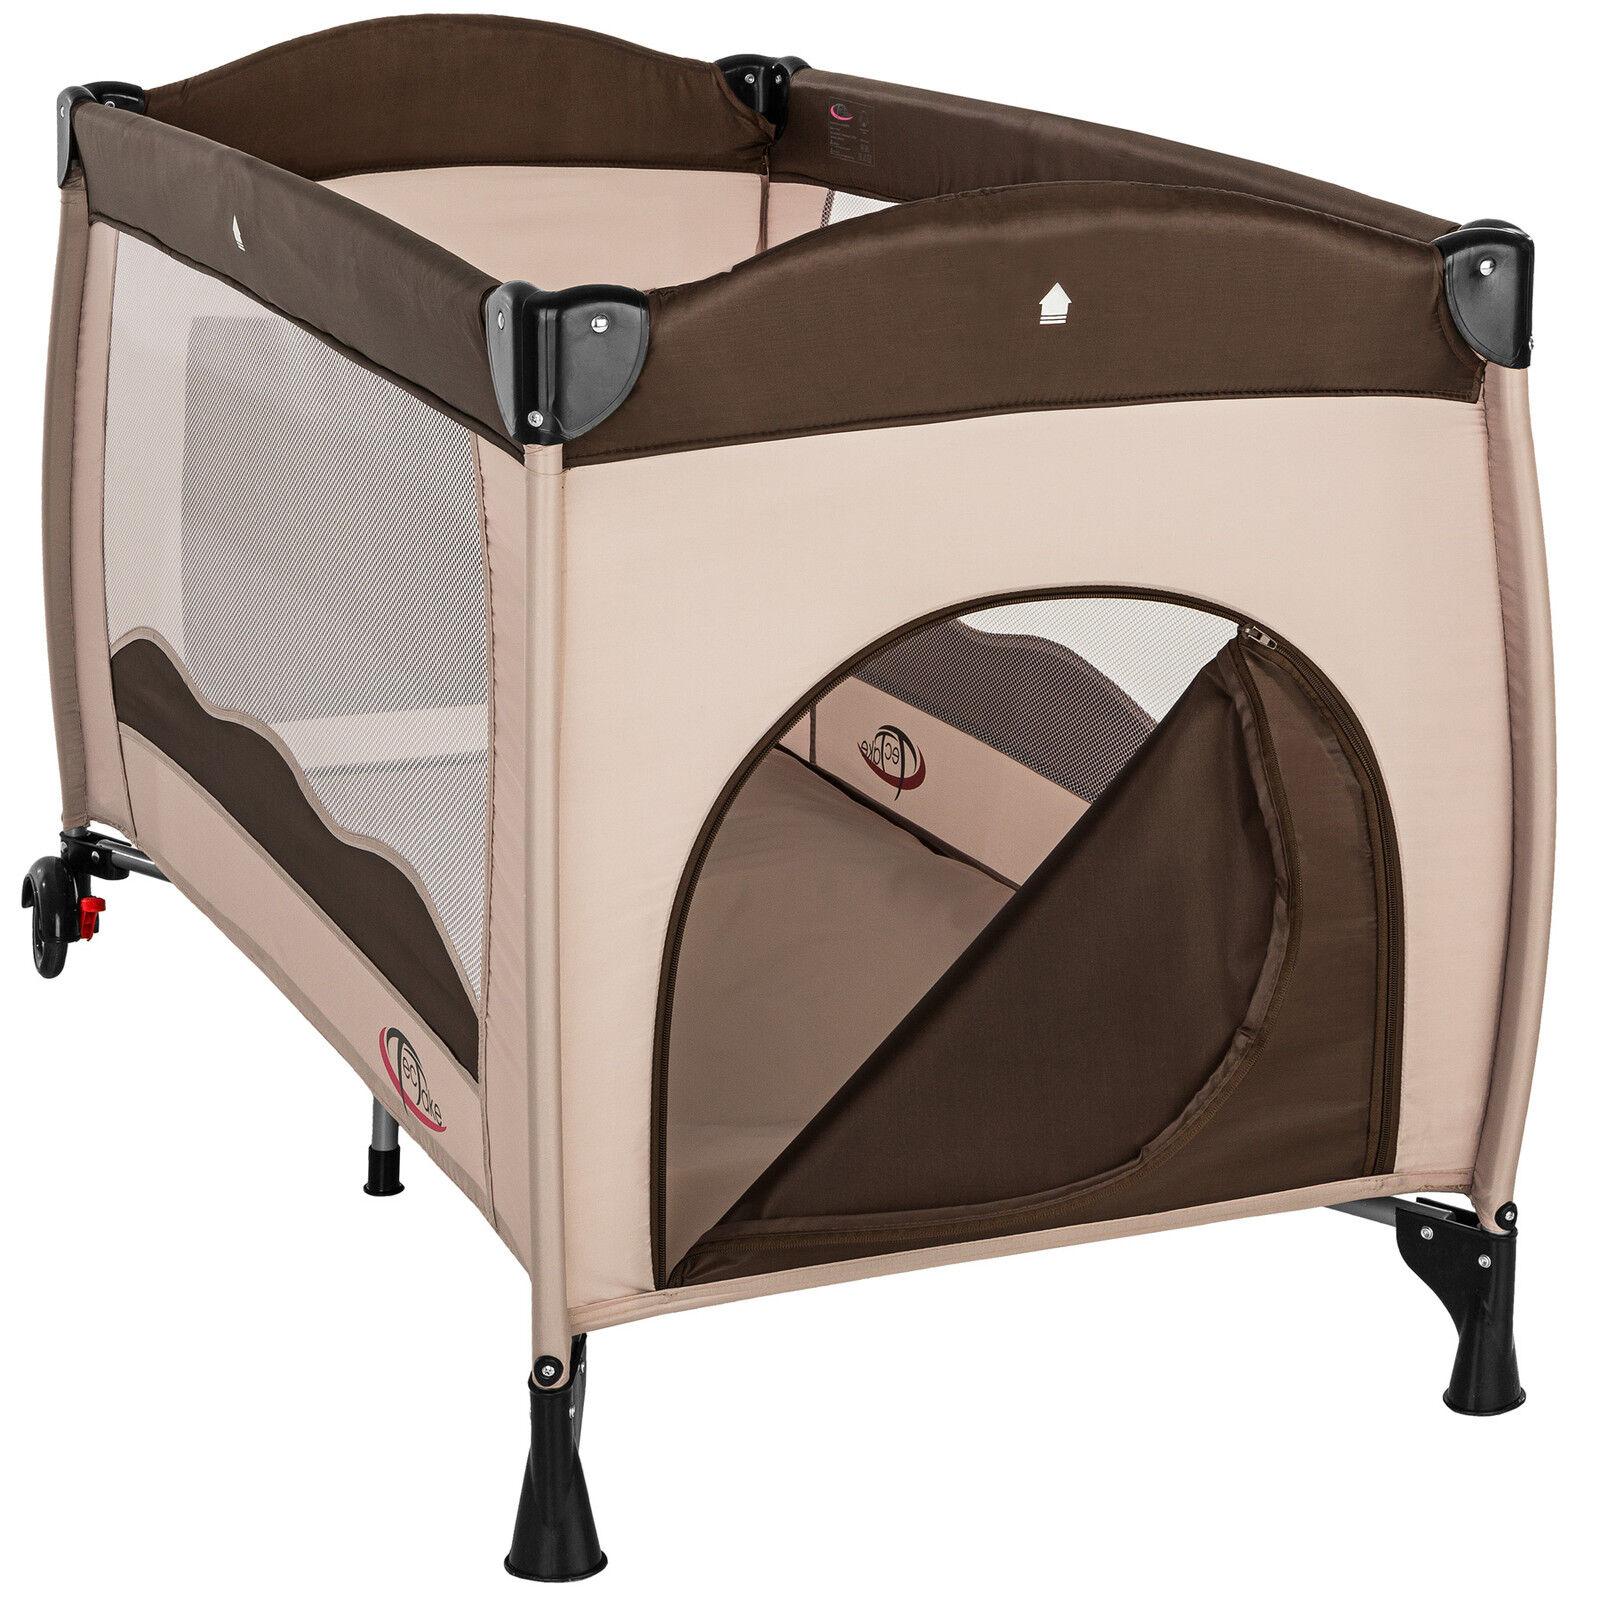 reisebett kinderreisebett kinder baby babybett kinderbett mit einlage coffee eur 43 99. Black Bedroom Furniture Sets. Home Design Ideas